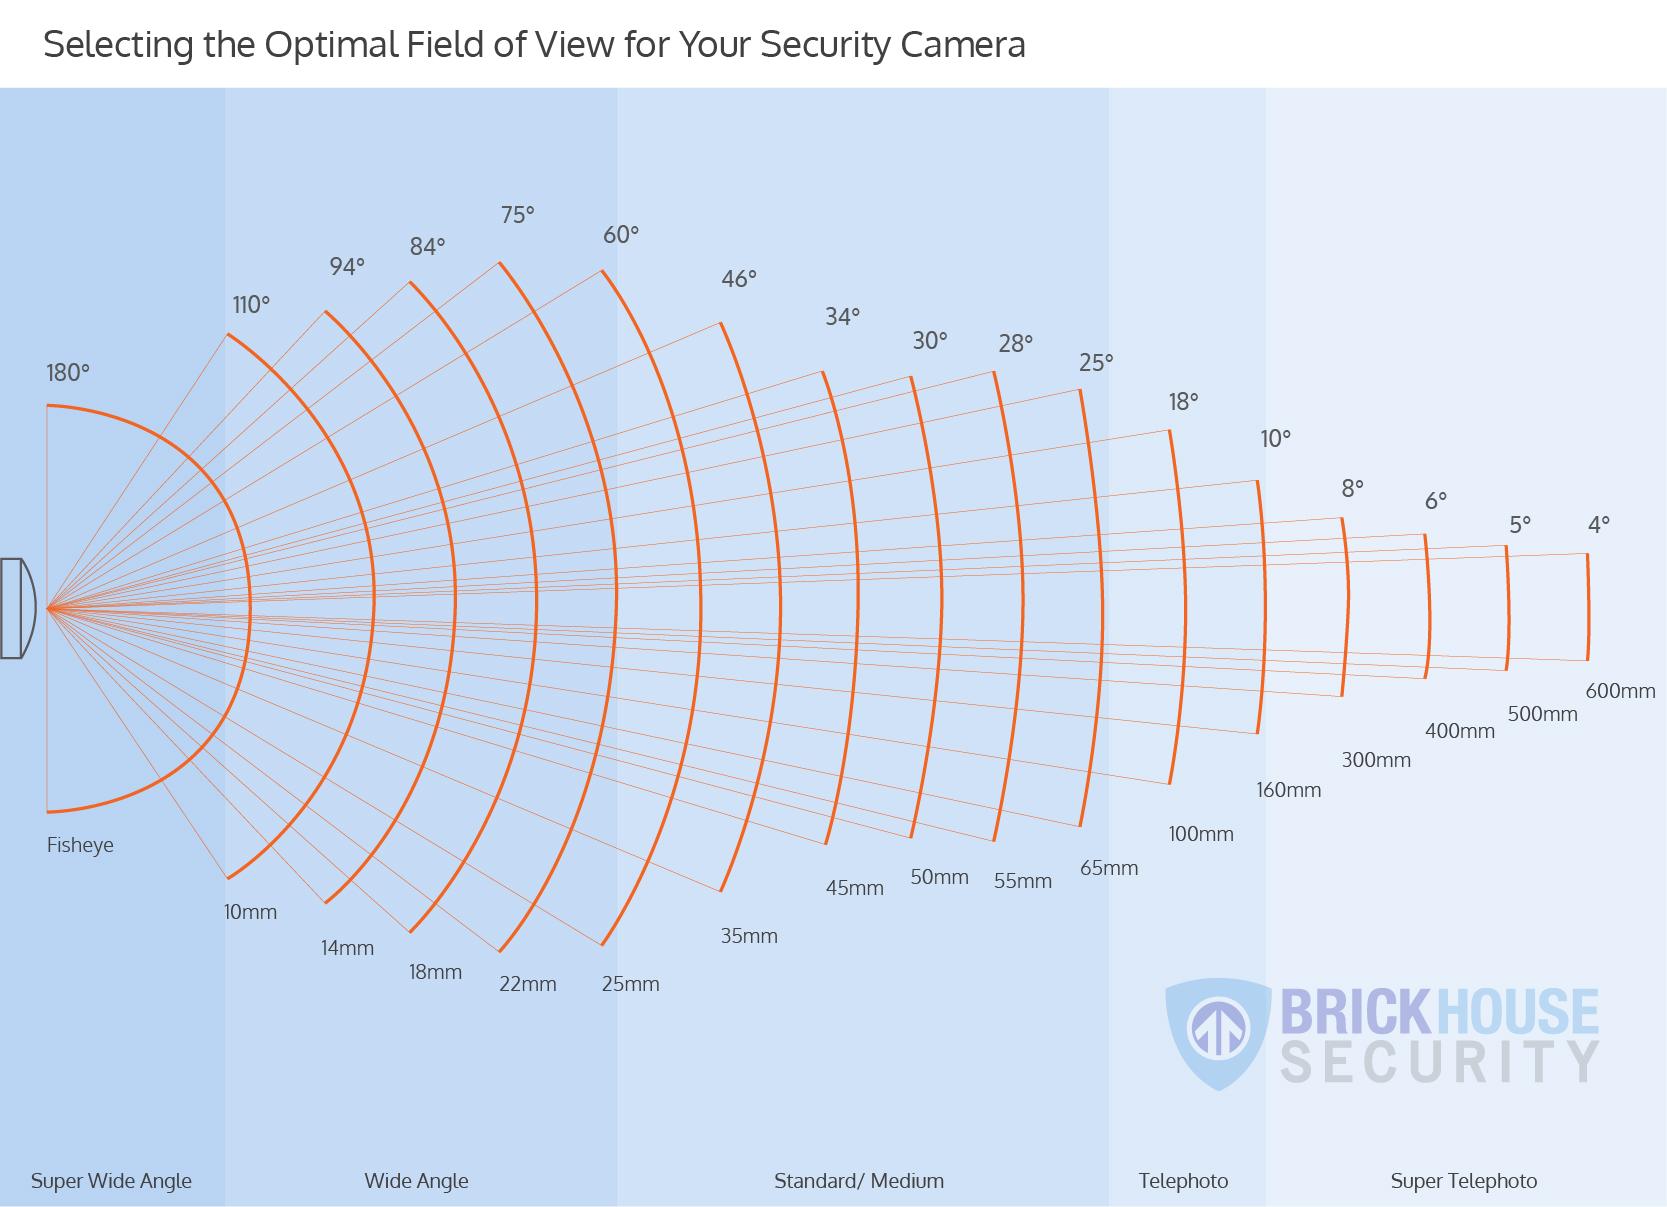 field-of-view-diagrams-01.jpg